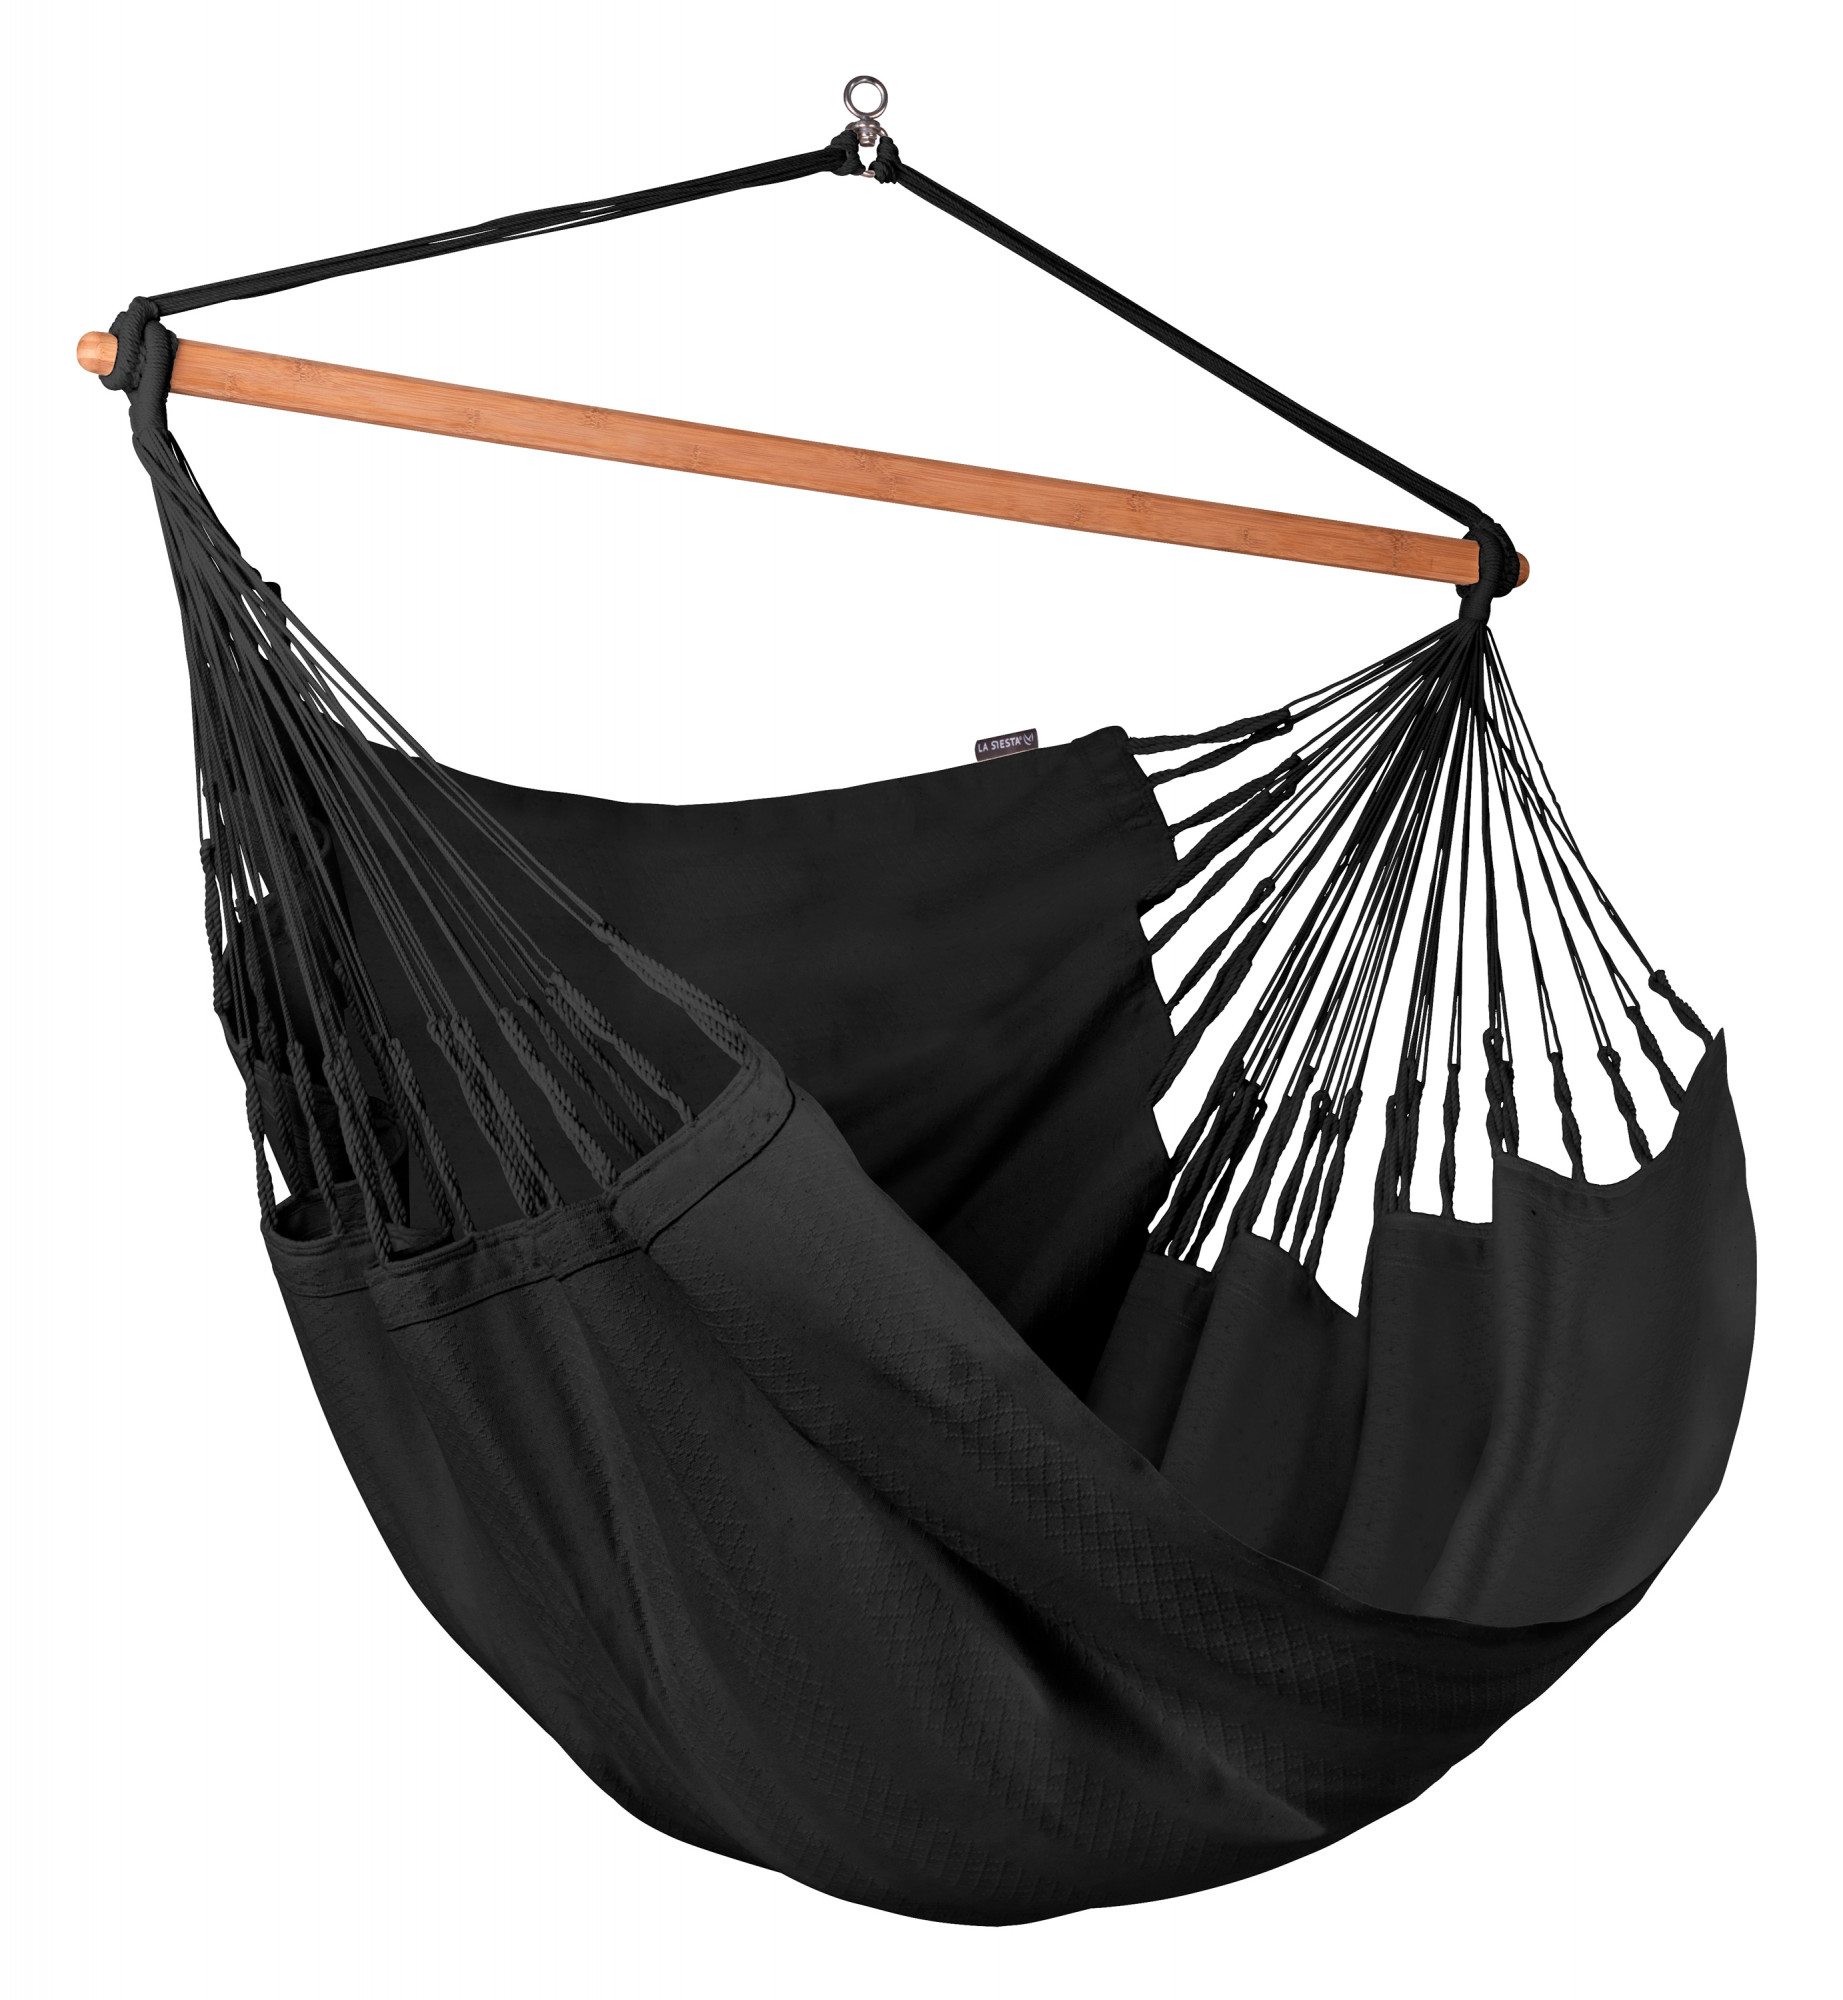 Chaise-hamac kingsize en coton bio noir